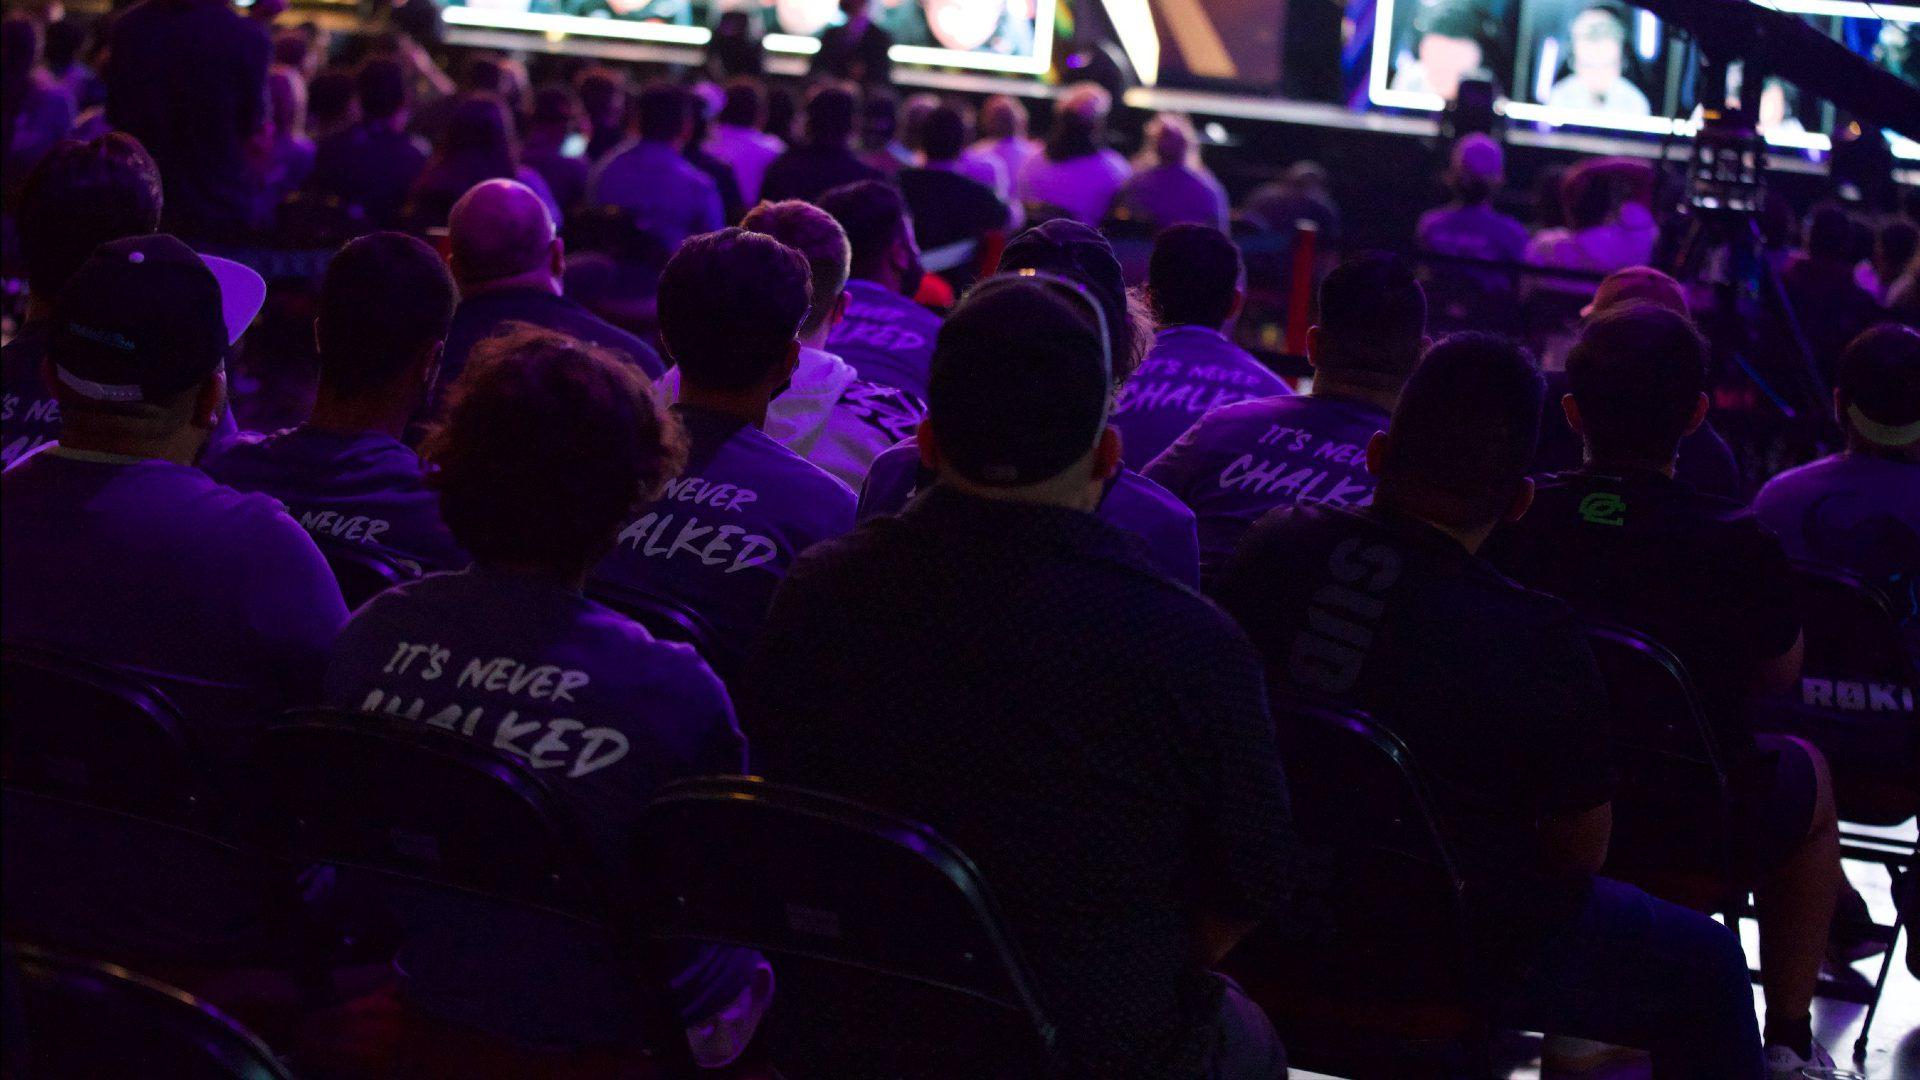 Las camisetas de 'It's Never Chalked' que Minnesota RØKKR estaba entregando a los fanáticos en Champs